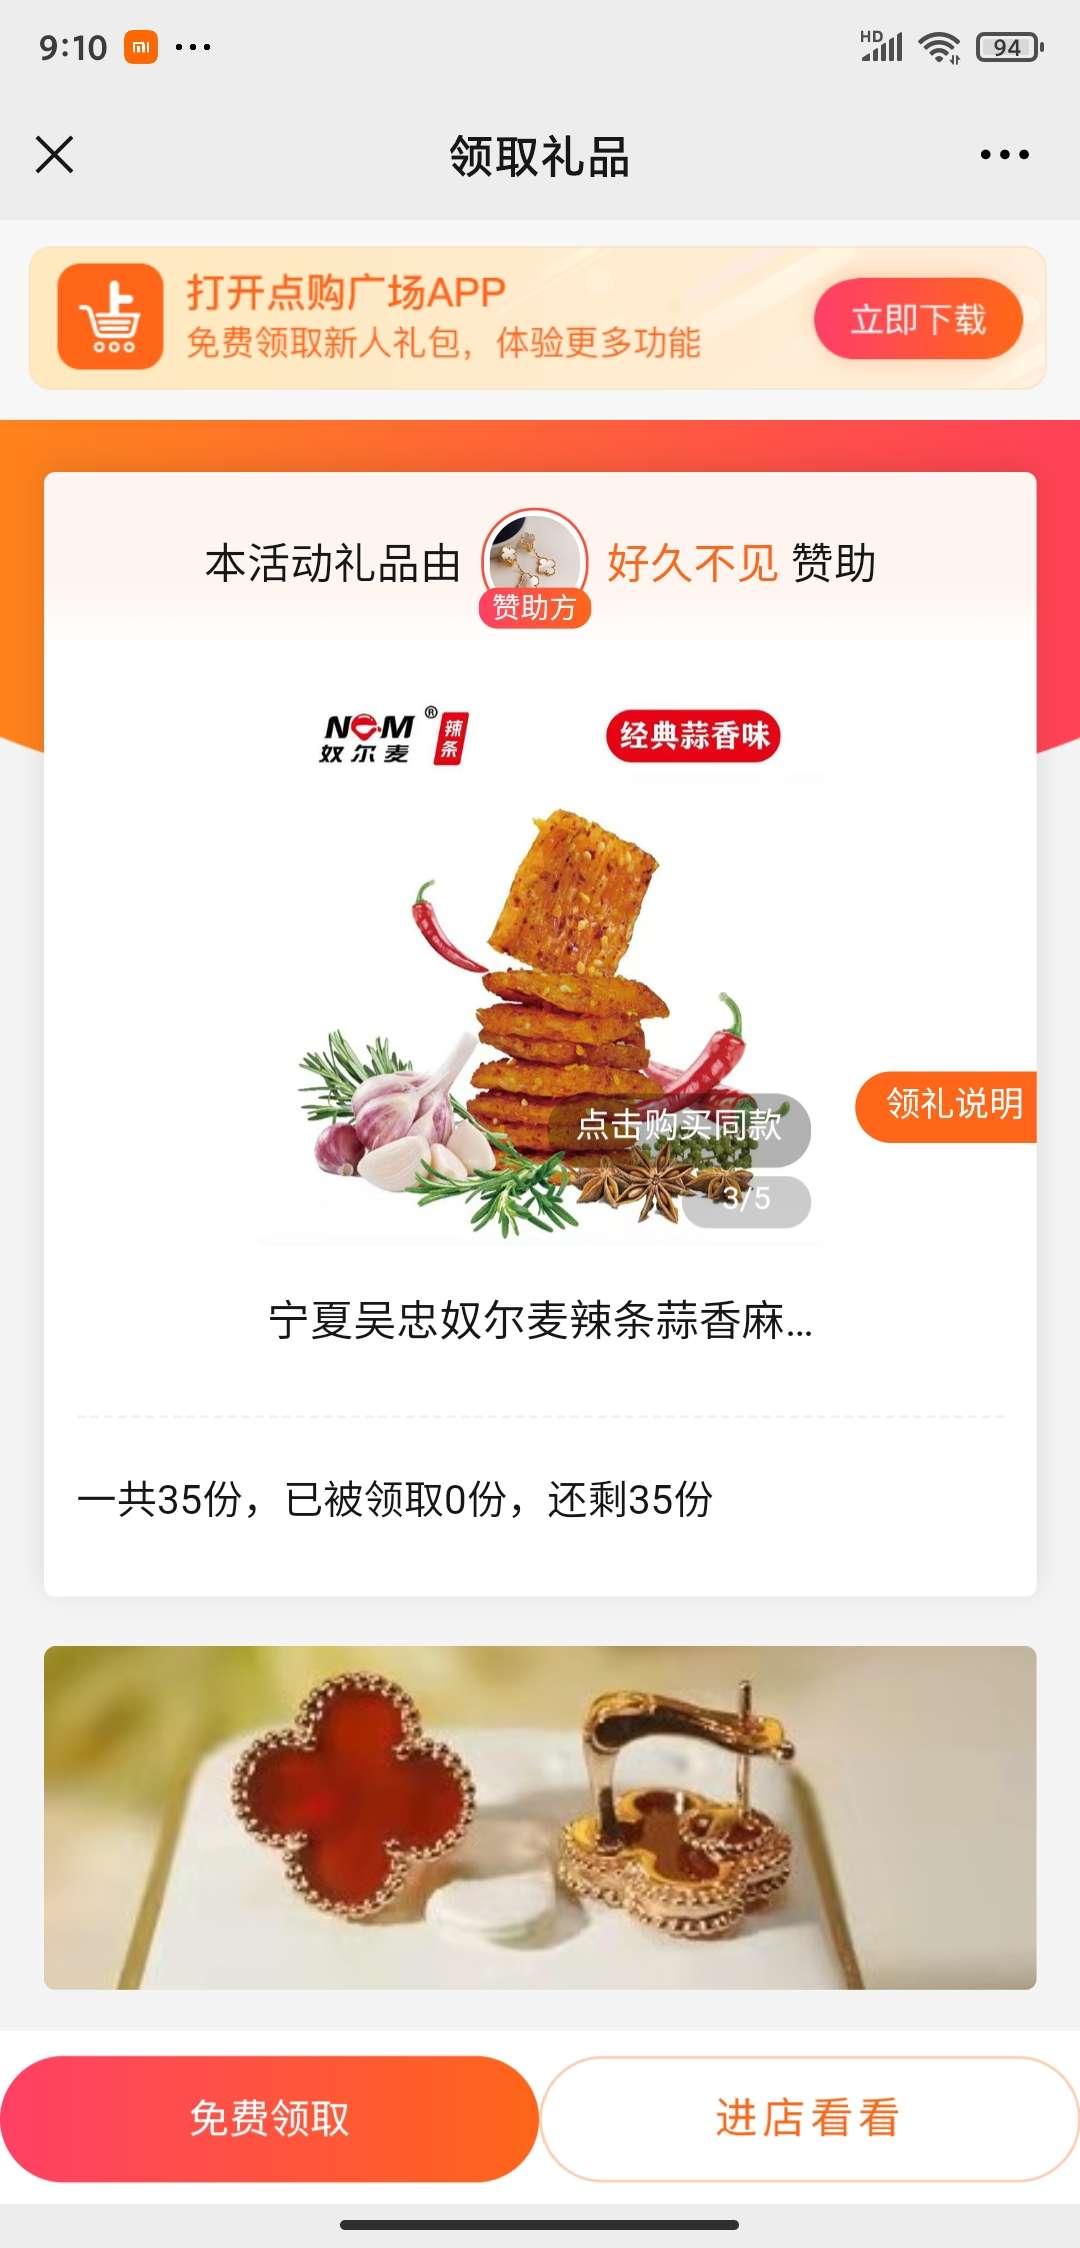 点购广场app新用户领辣条